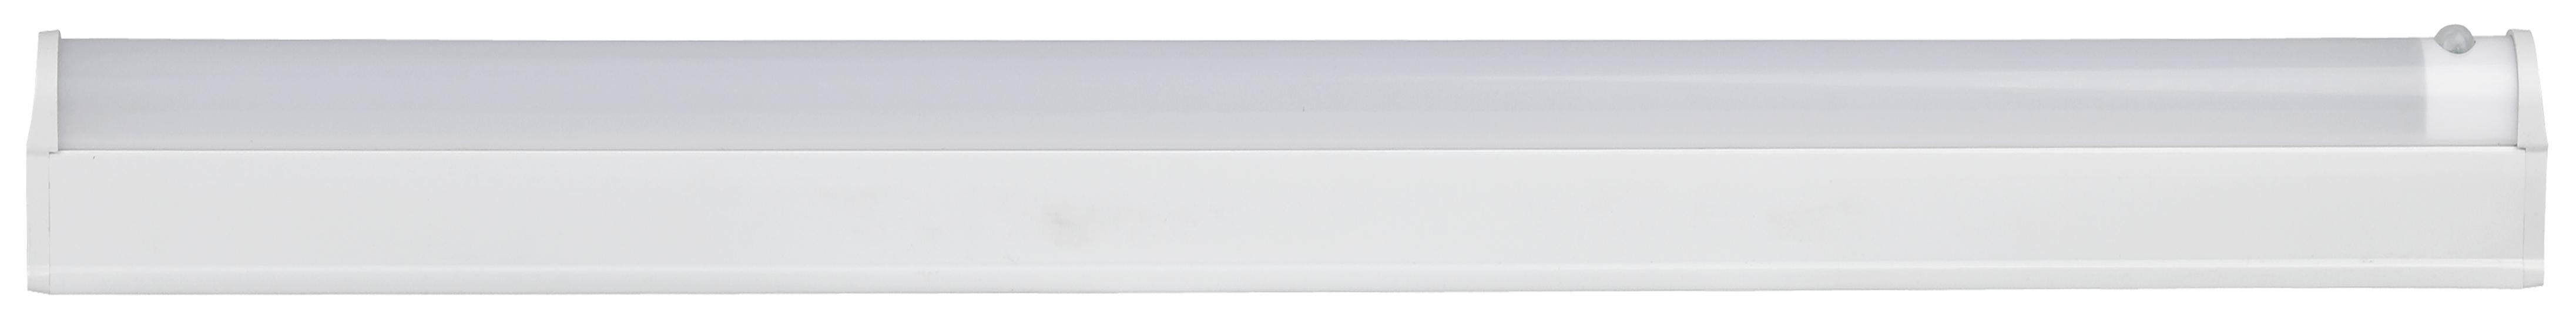 цена на Светильник ЭРА Lled-02-04w-4000-ms-w